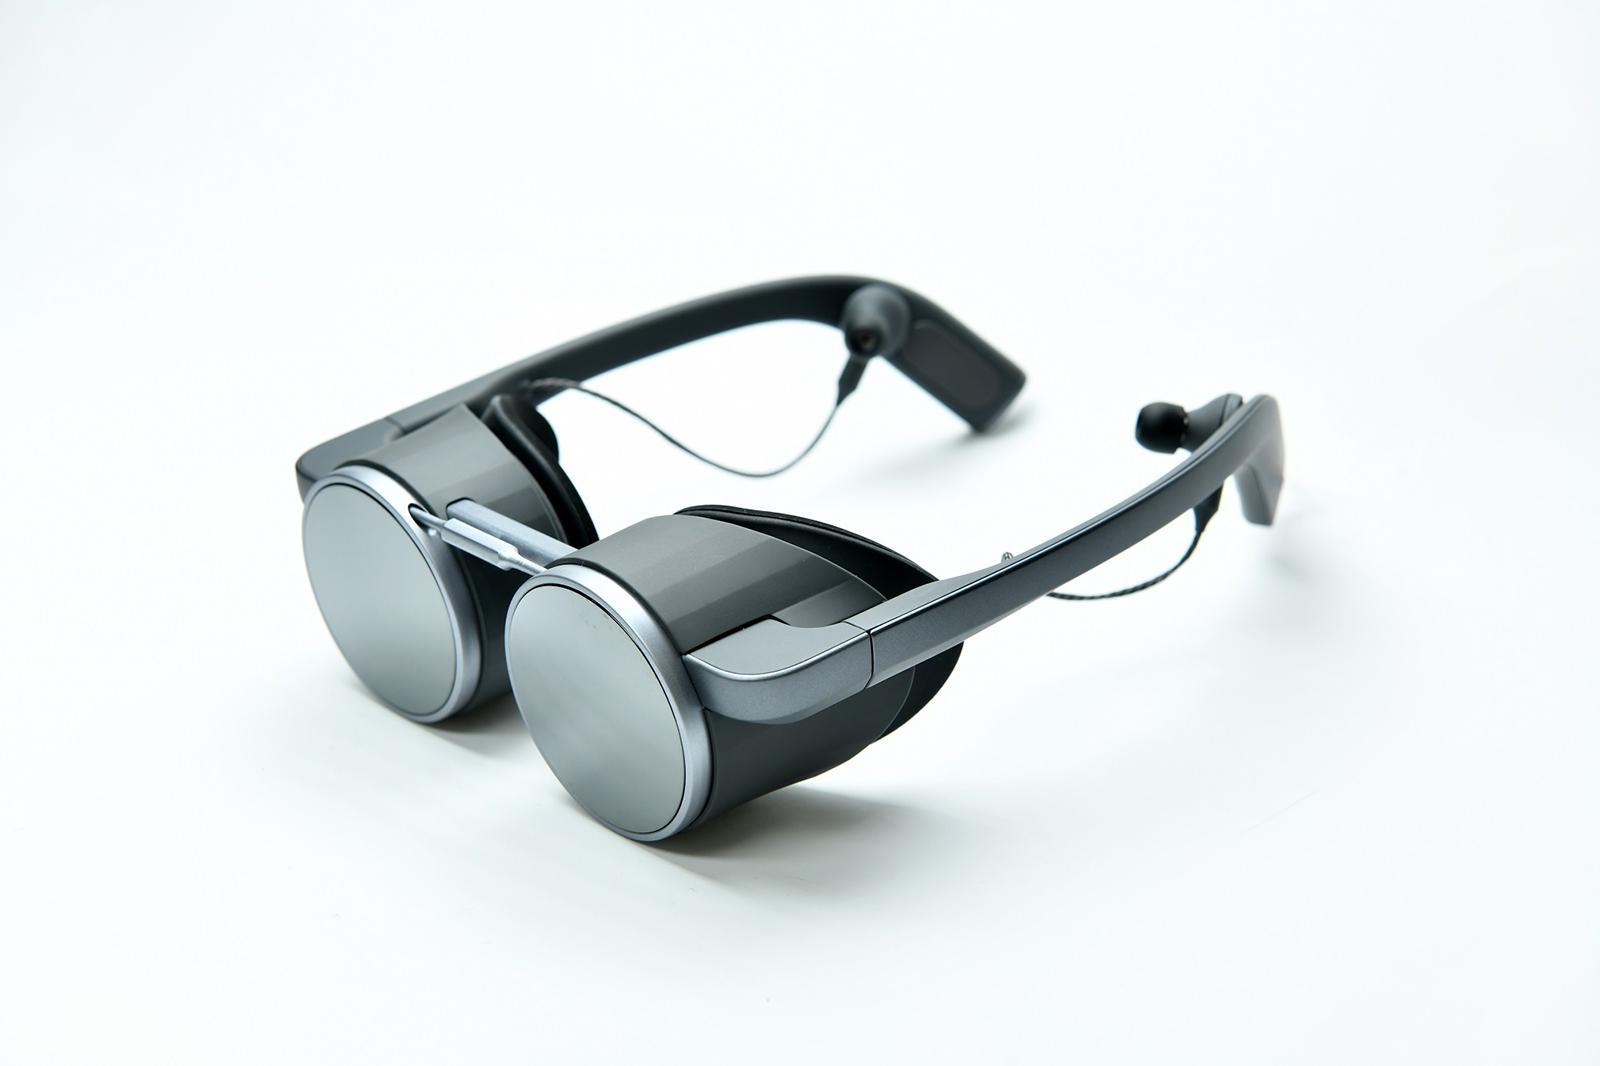 Gogle VR od Panasonic wyglądają jak okulary spawacza. Ale jako pierwsze mają HDR 18